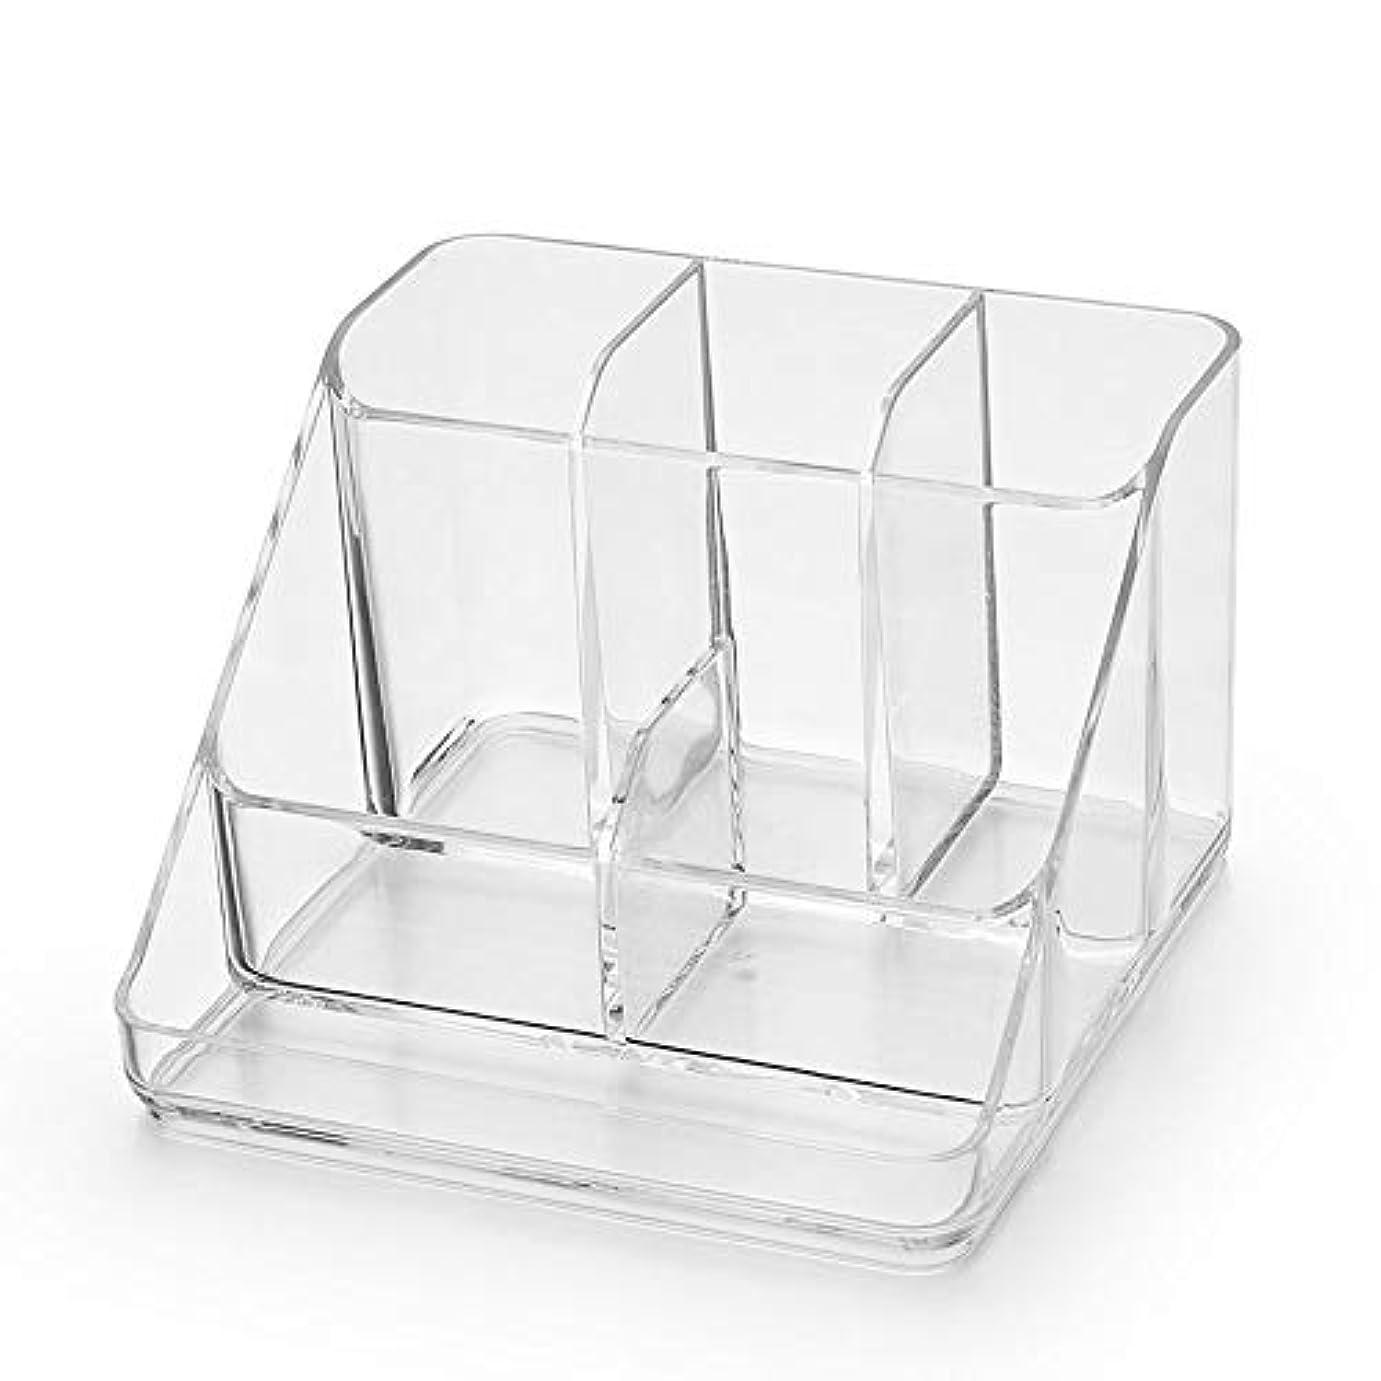 歯パトロール破壊するSynziar 収納ボックス 化粧 メイクボックス 透明 高品質 アクリル製 大容量 コスメボックス ジュエリー 小物入れ レディース 自由に組合せ